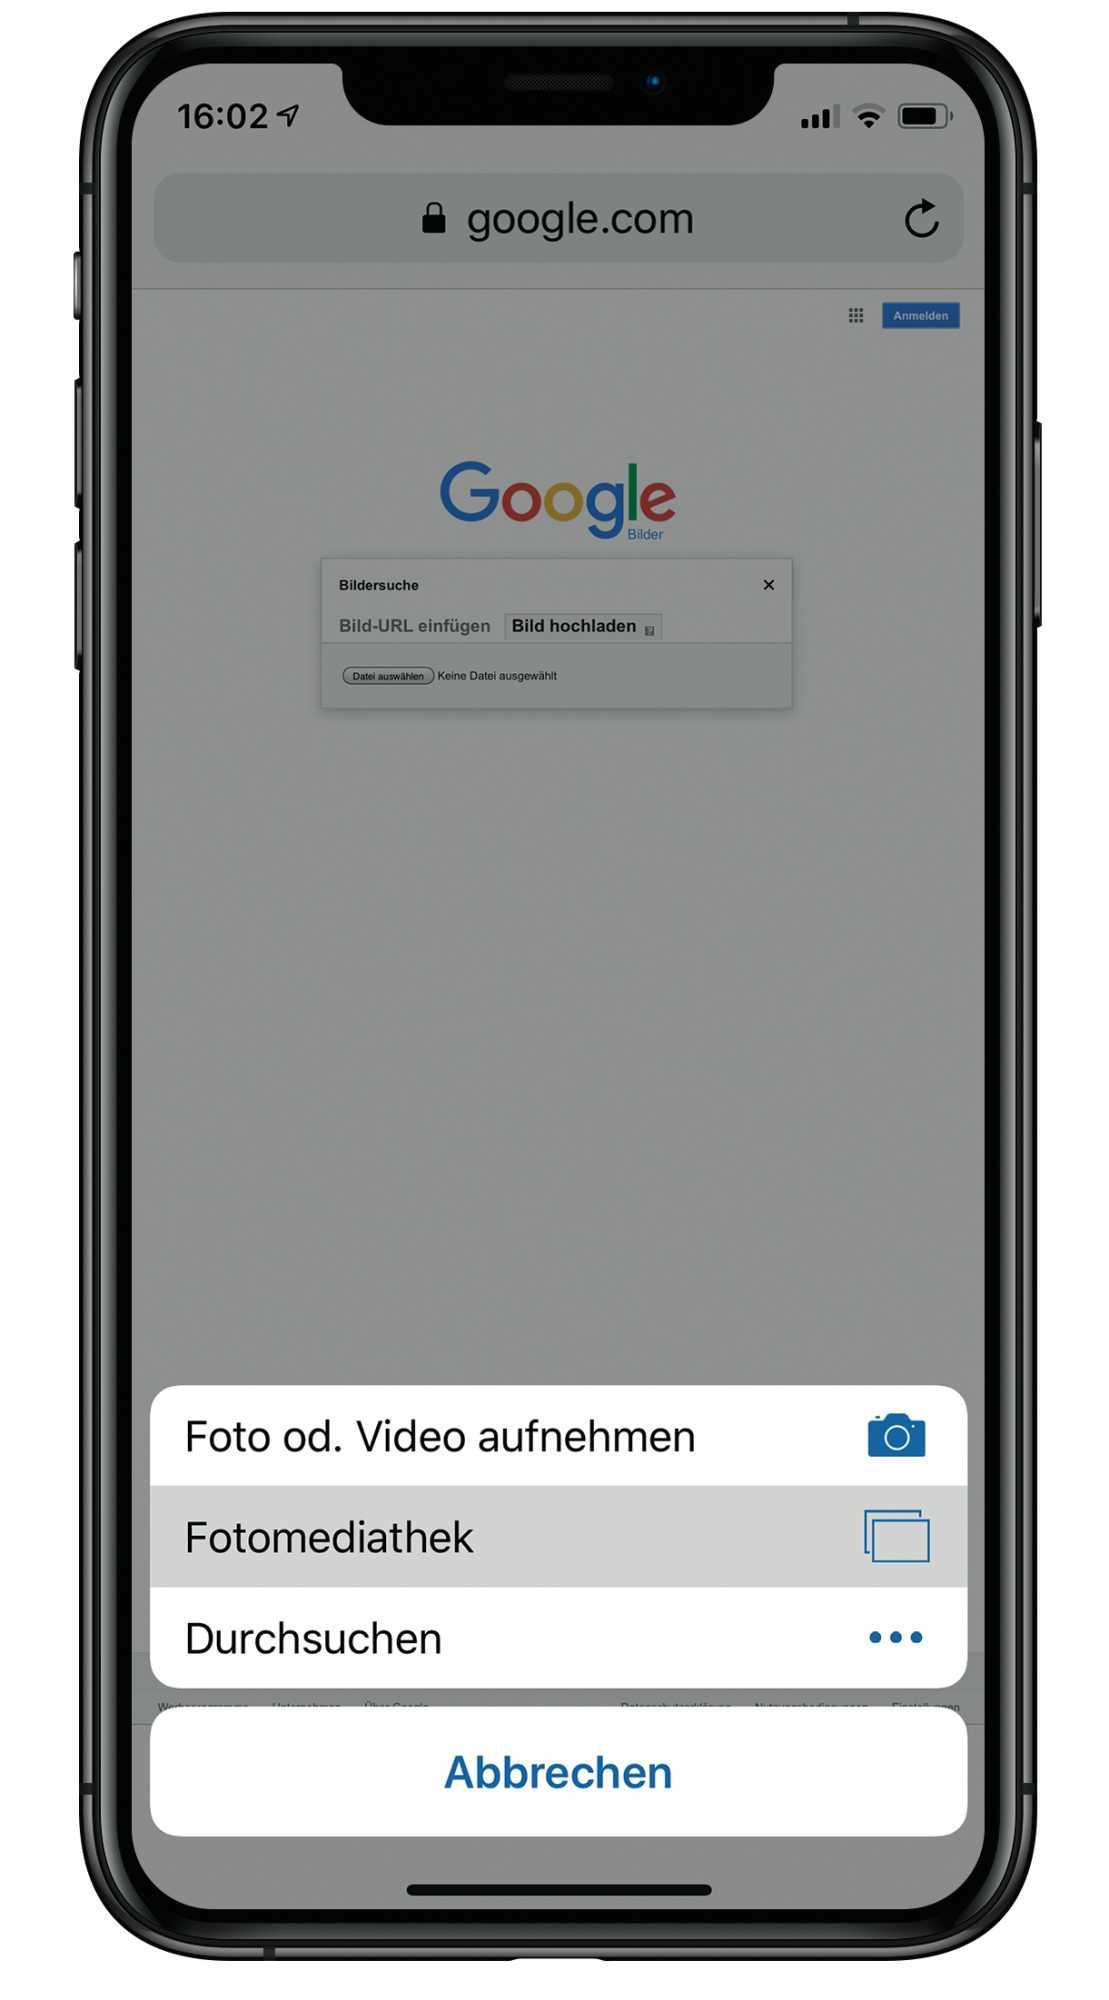 Google bilder hochladen suchen handy